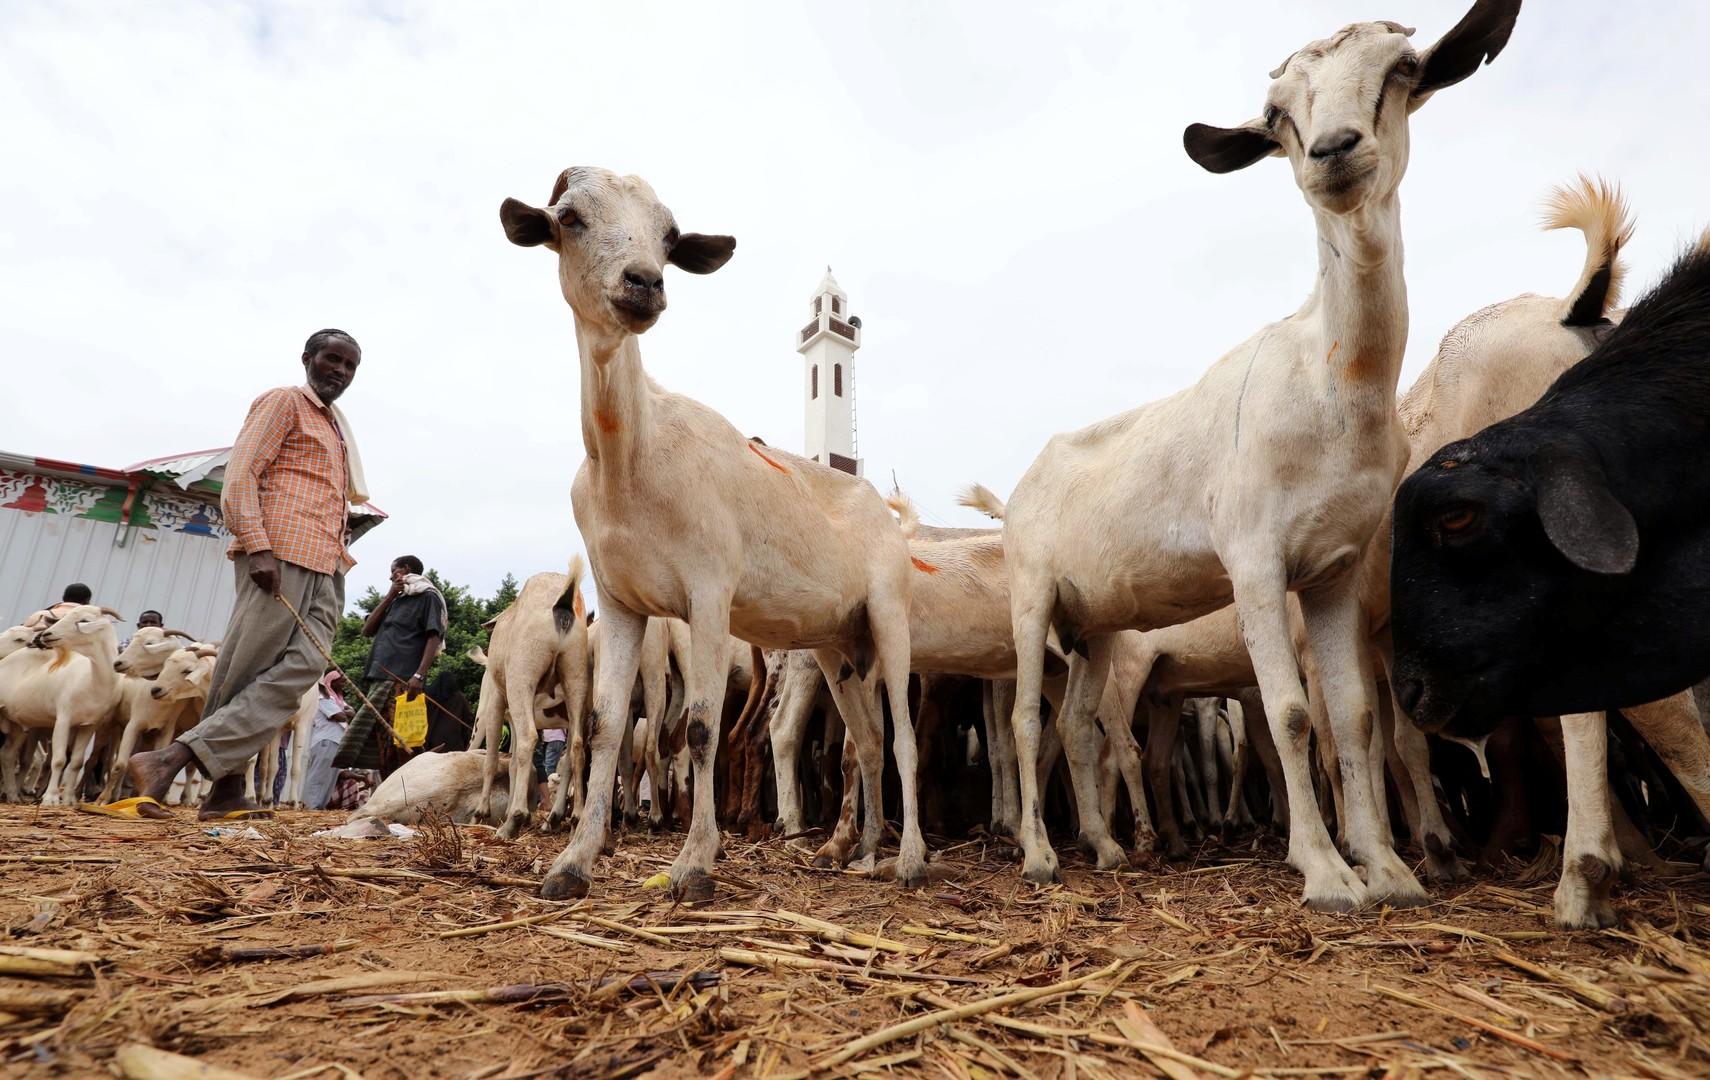 نفوق ماشية سودانية في السعودية (صورة)